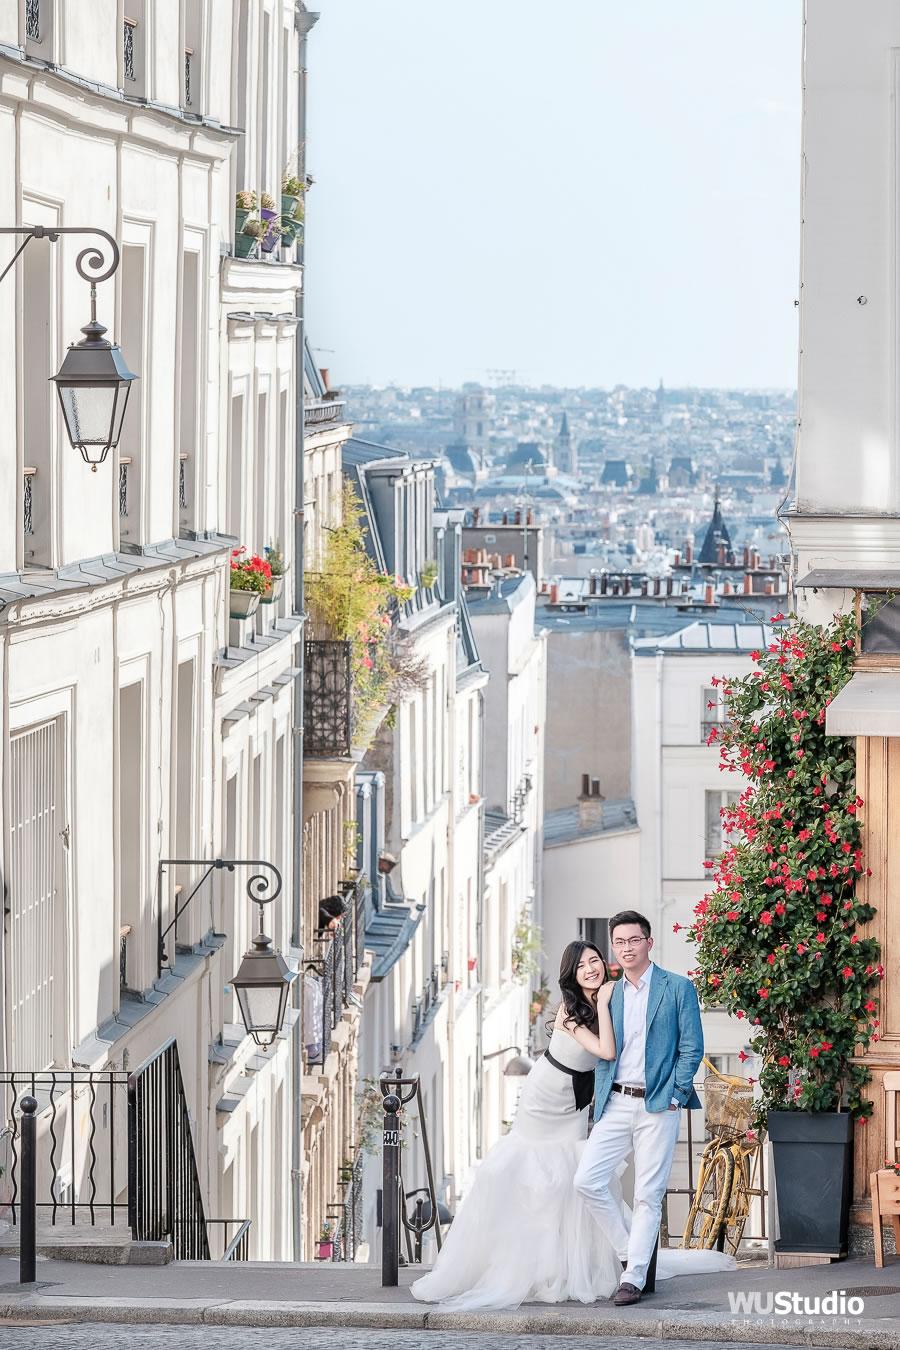 蒙馬特街角, 巴黎 自助婚紗 | Anny & Andy - 輕婚紗, 旅行婚紗, 海外婚紗, 法國自助婚紗, RogerWu 自助婚紗攝影, 日常婚紗